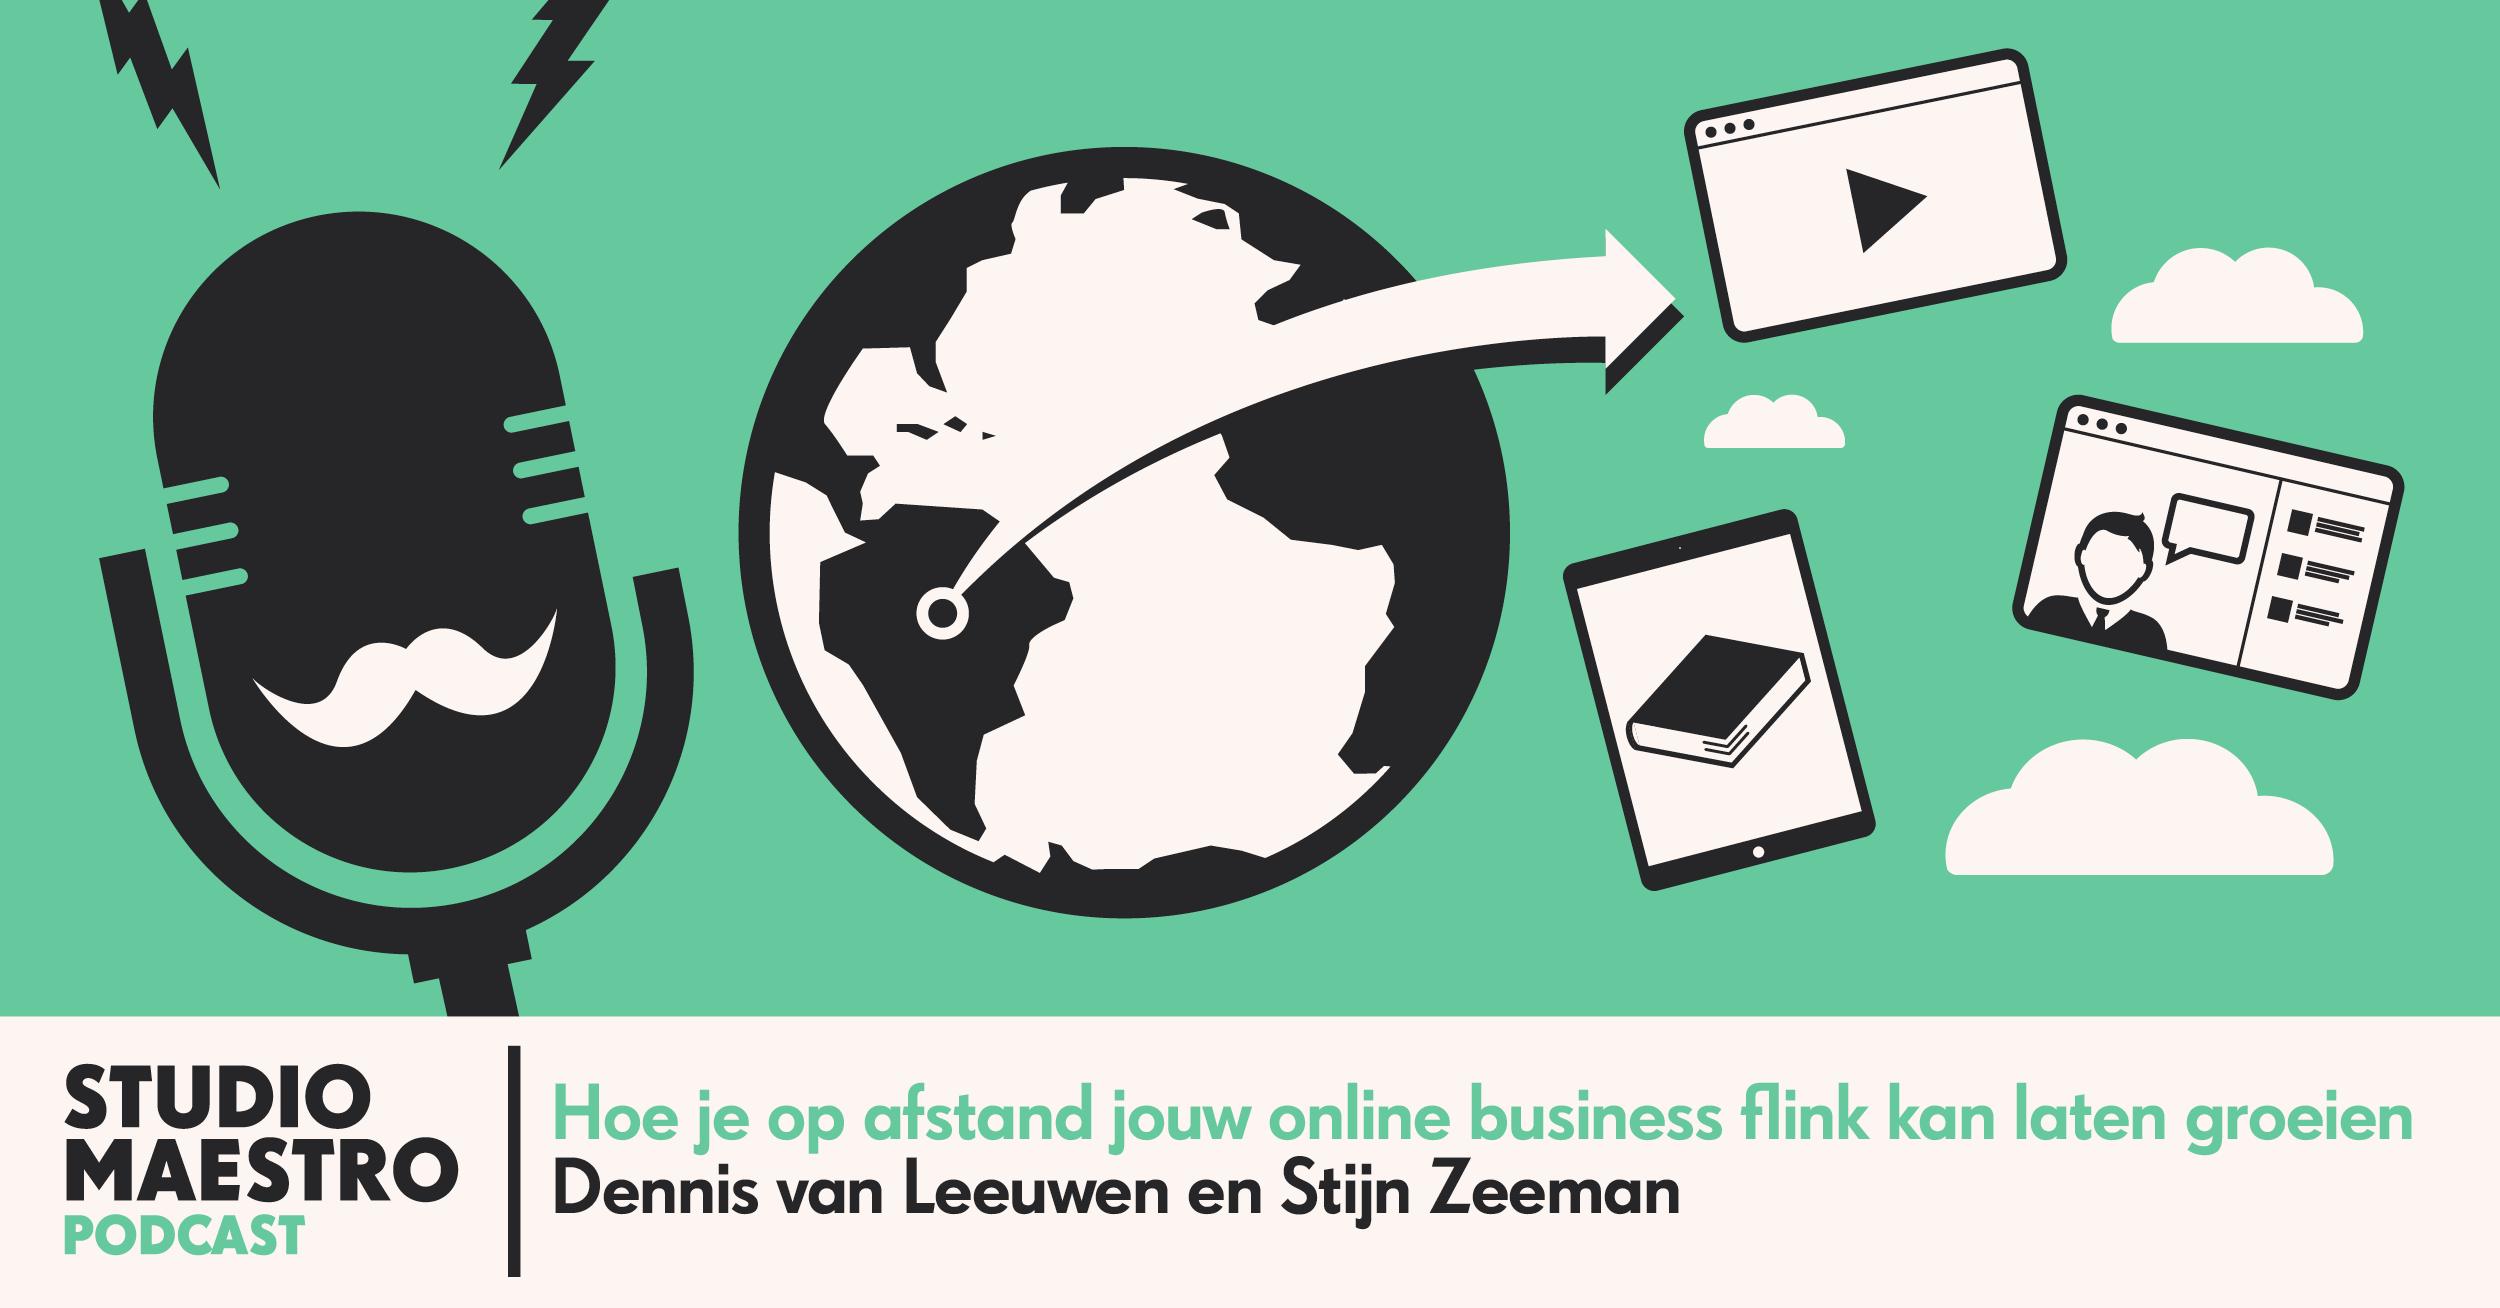 Hoe je op afstand jouw online business flink kan laten groeien met Stijn Zeeman